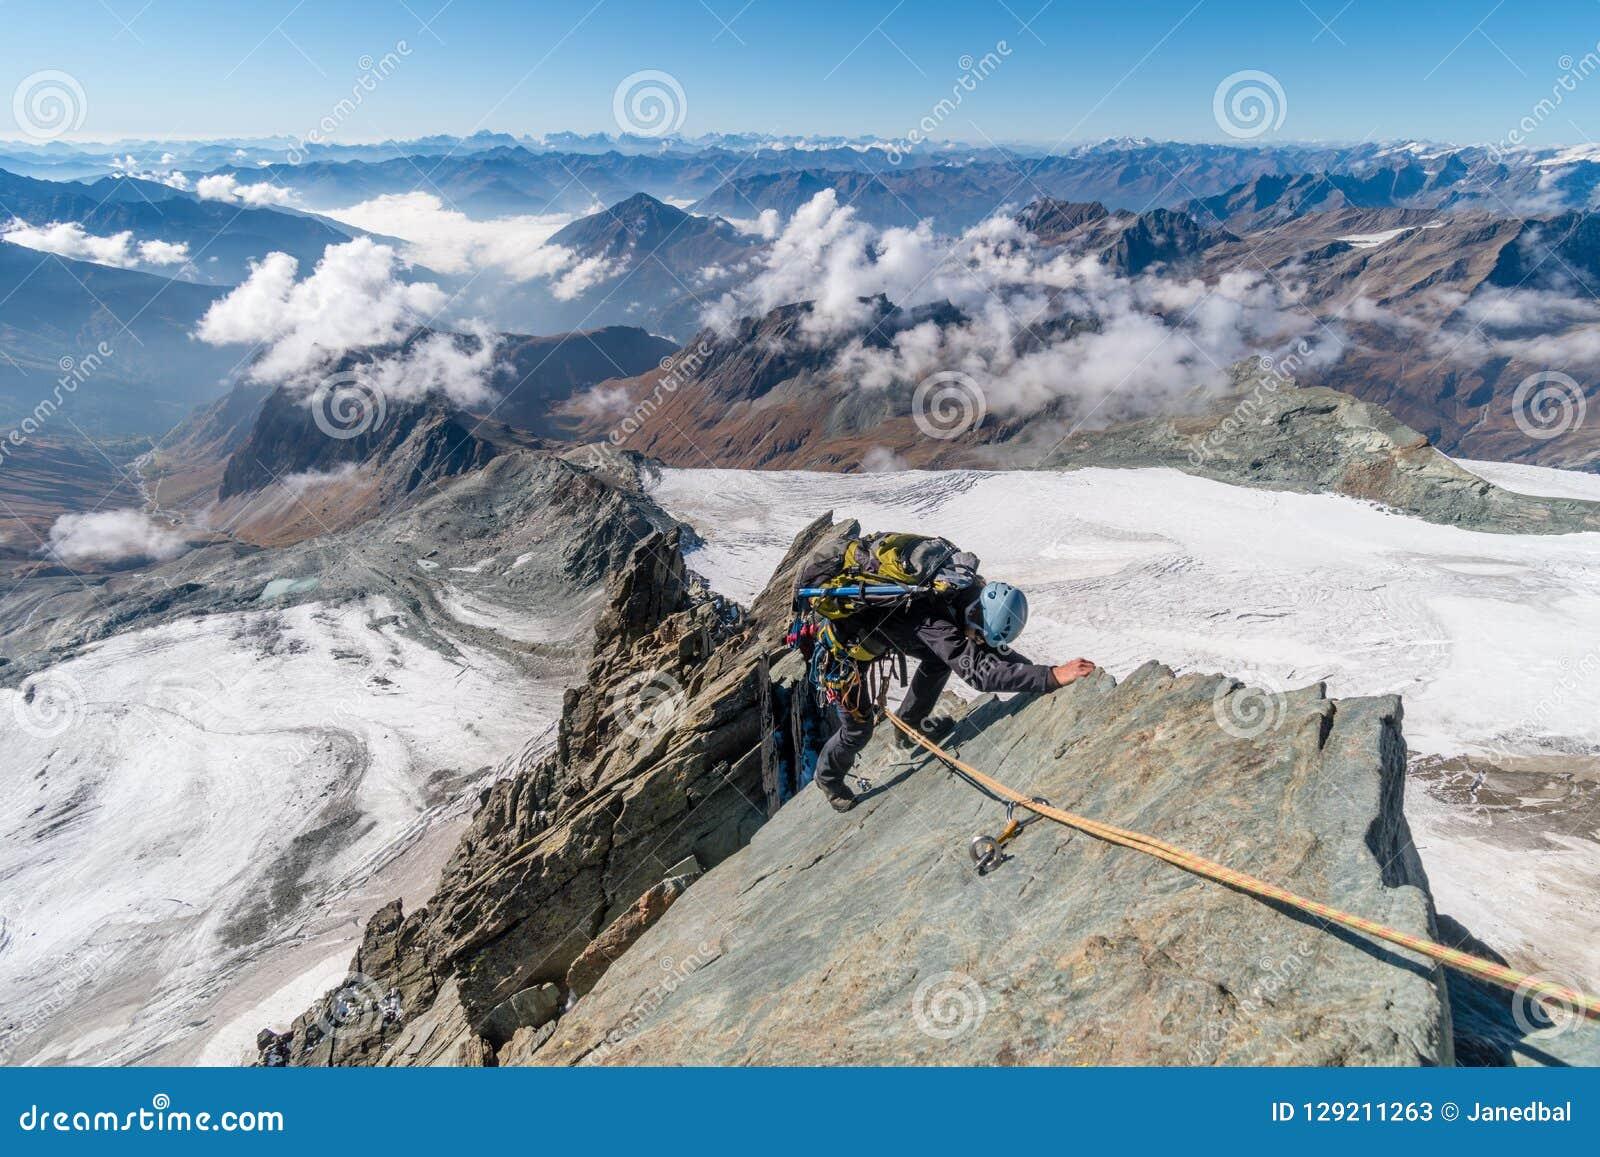 Rotsklimmer op Studlgrat-rand op Grossglockner, hoogste berg in Oostenrijk